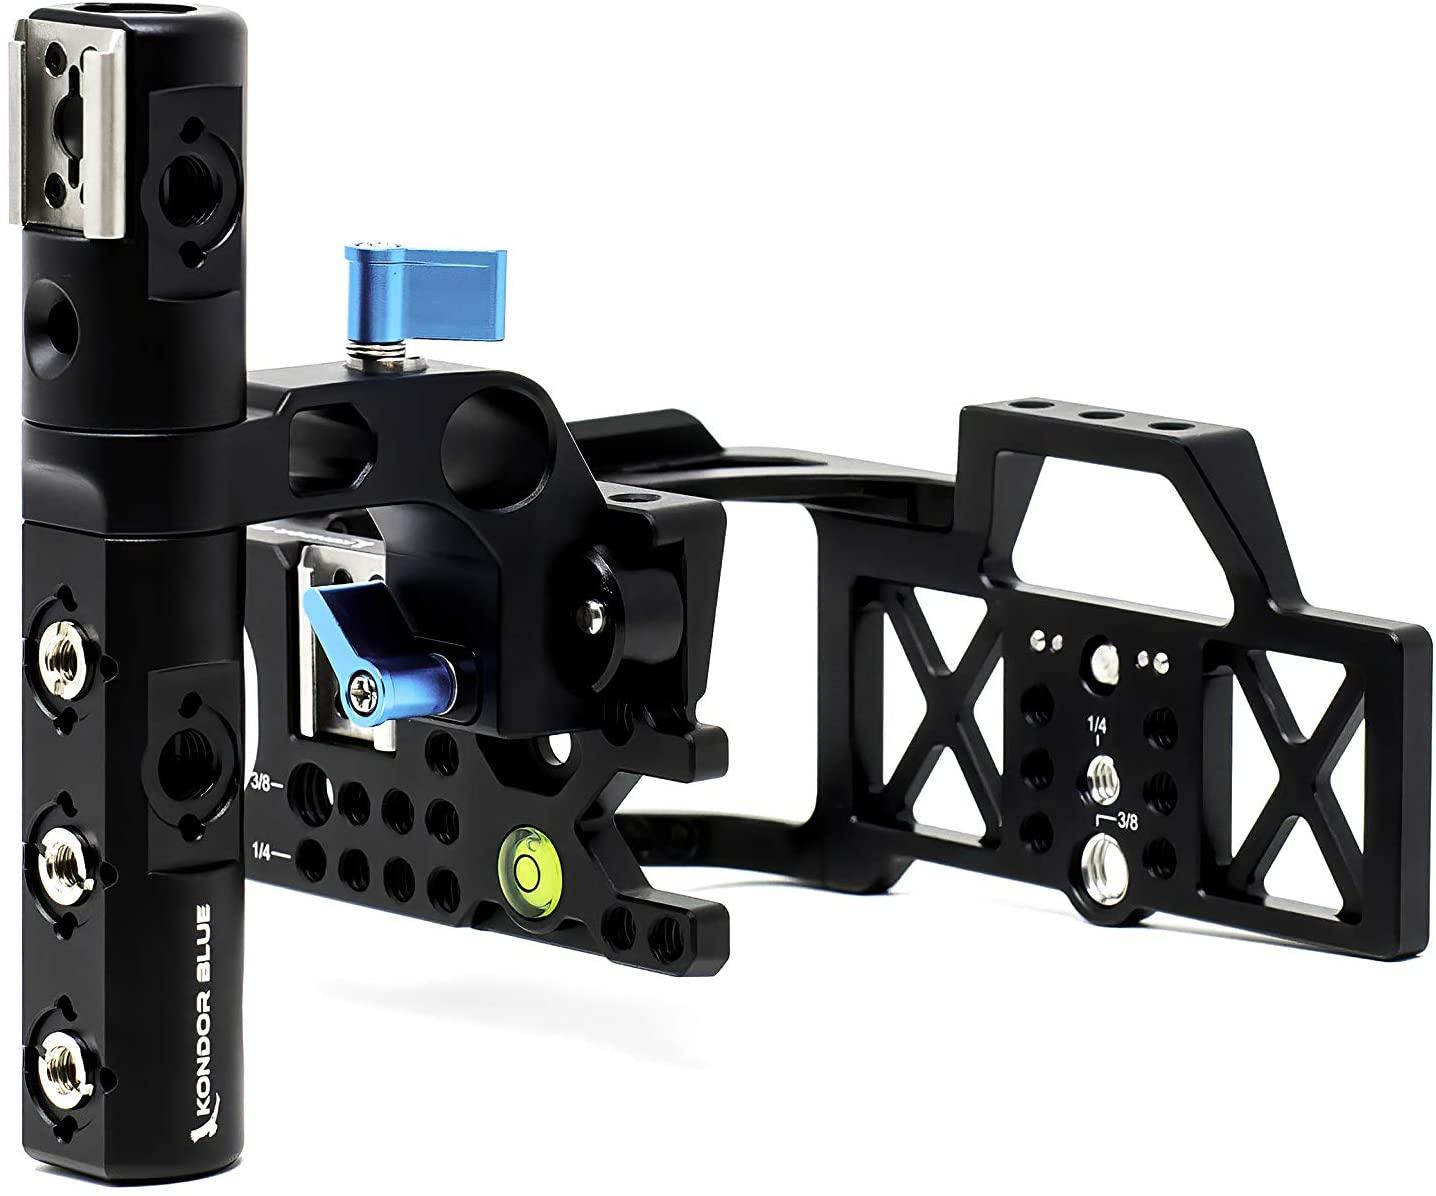 KONDOR BLUE BMPCC4K Half Cage Rig for Blackmagic Pocket Cinema Camera 4K with Top Handle, NATO Rails, 15mm Rod, Cold Shoe, Bubble Leveler and Optional T5 SSD Holder, Metabones Speedbooster Bracket